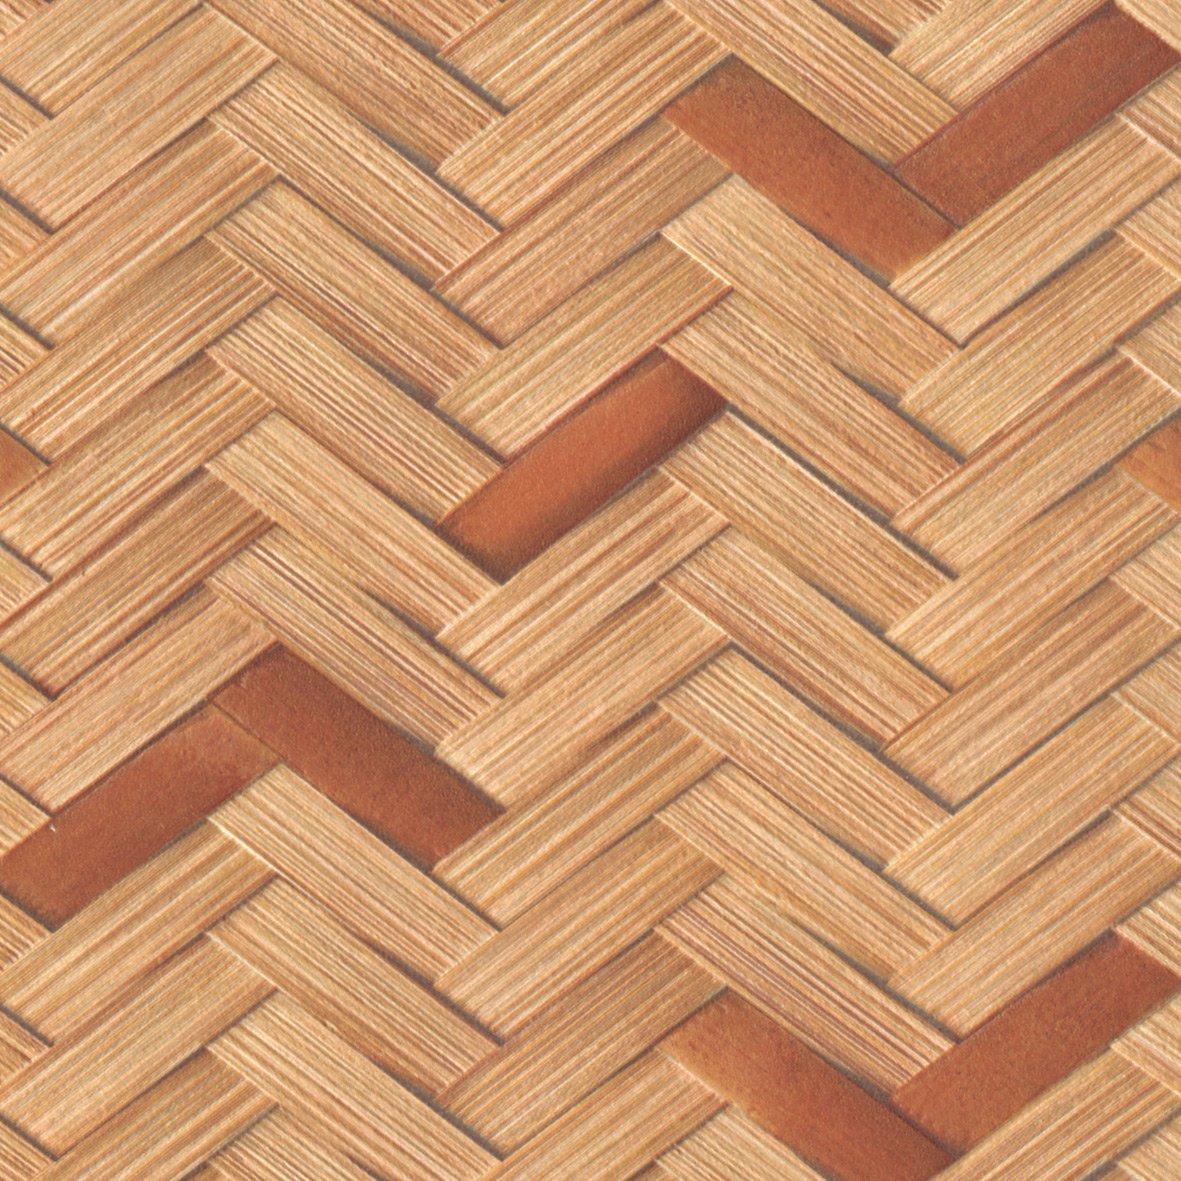 リリカラ 壁紙42m 和 木目調 ブラウン 和調 LV-6433 B01IHQLQVK 42m